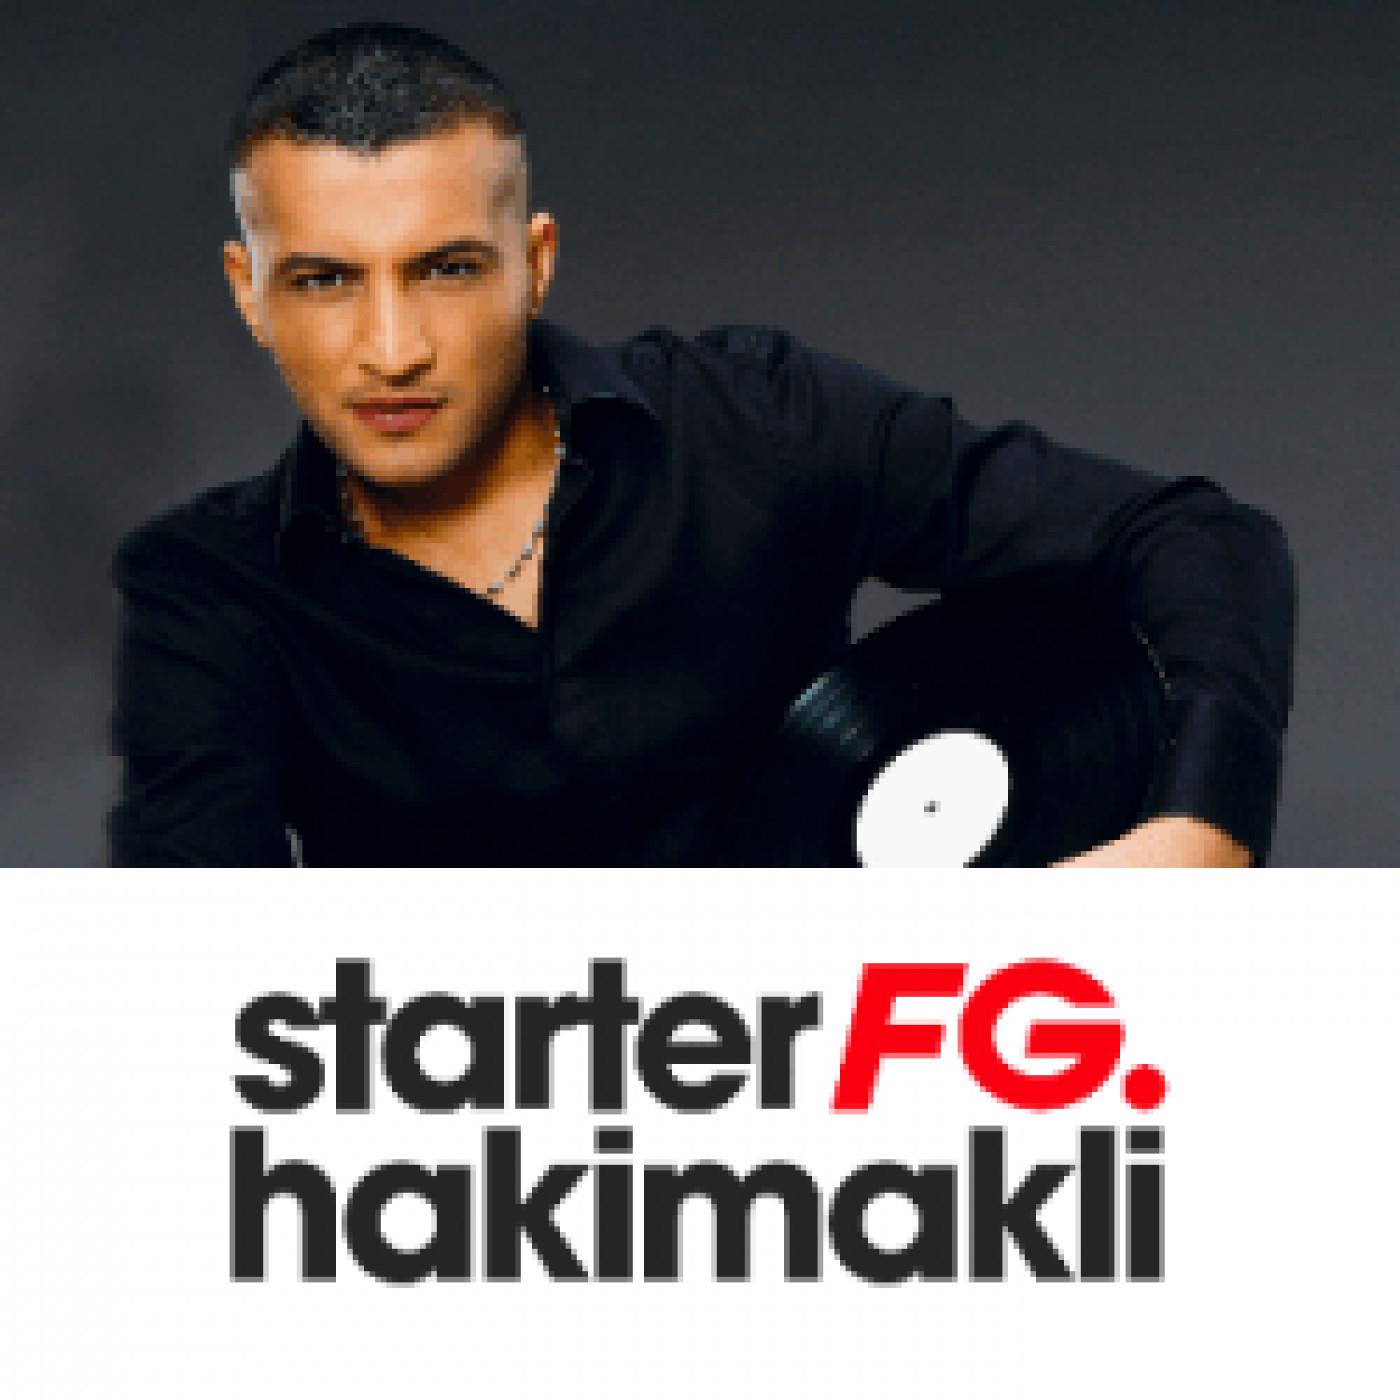 STARTER FG BY HAKIMAKLI MARDI 20 OCTOBRE 2020